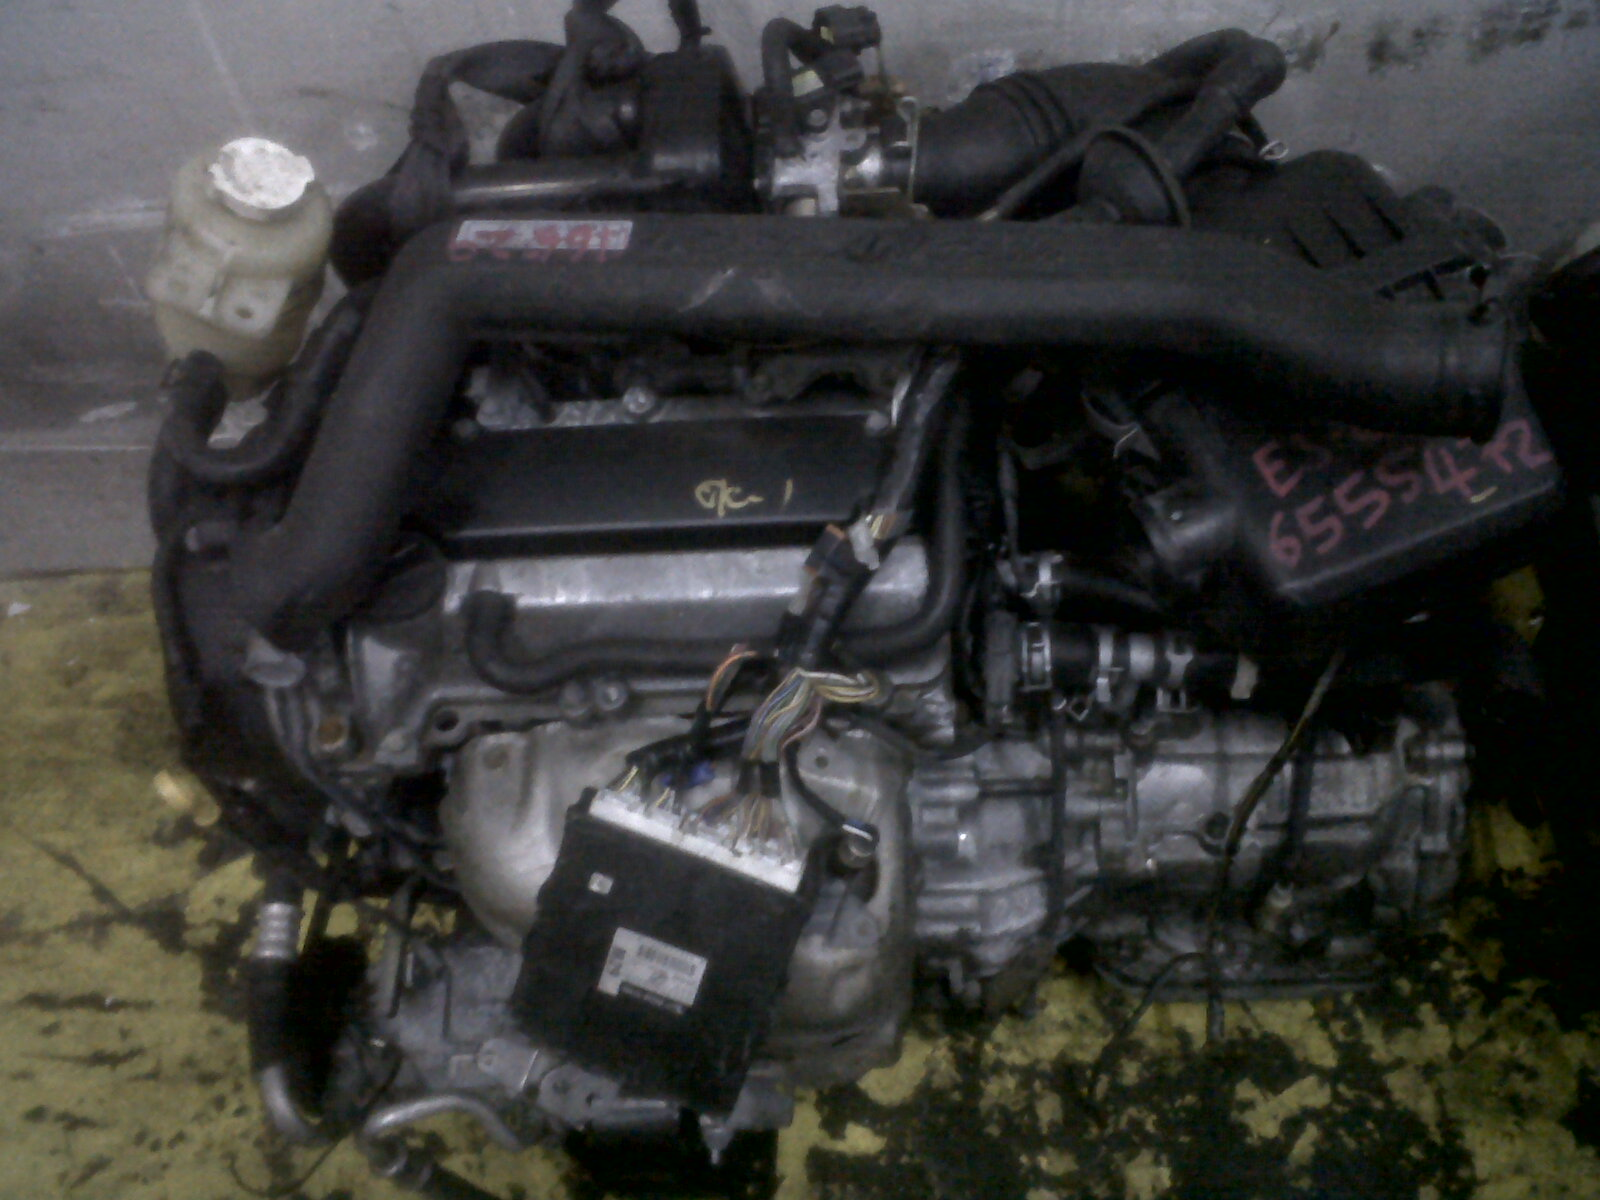 wiring kelisa wiring image wiring diagram yik autoparts performance kenari kelisa 1000cc engine gear box on [ 1600 x 1200 Pixel ]